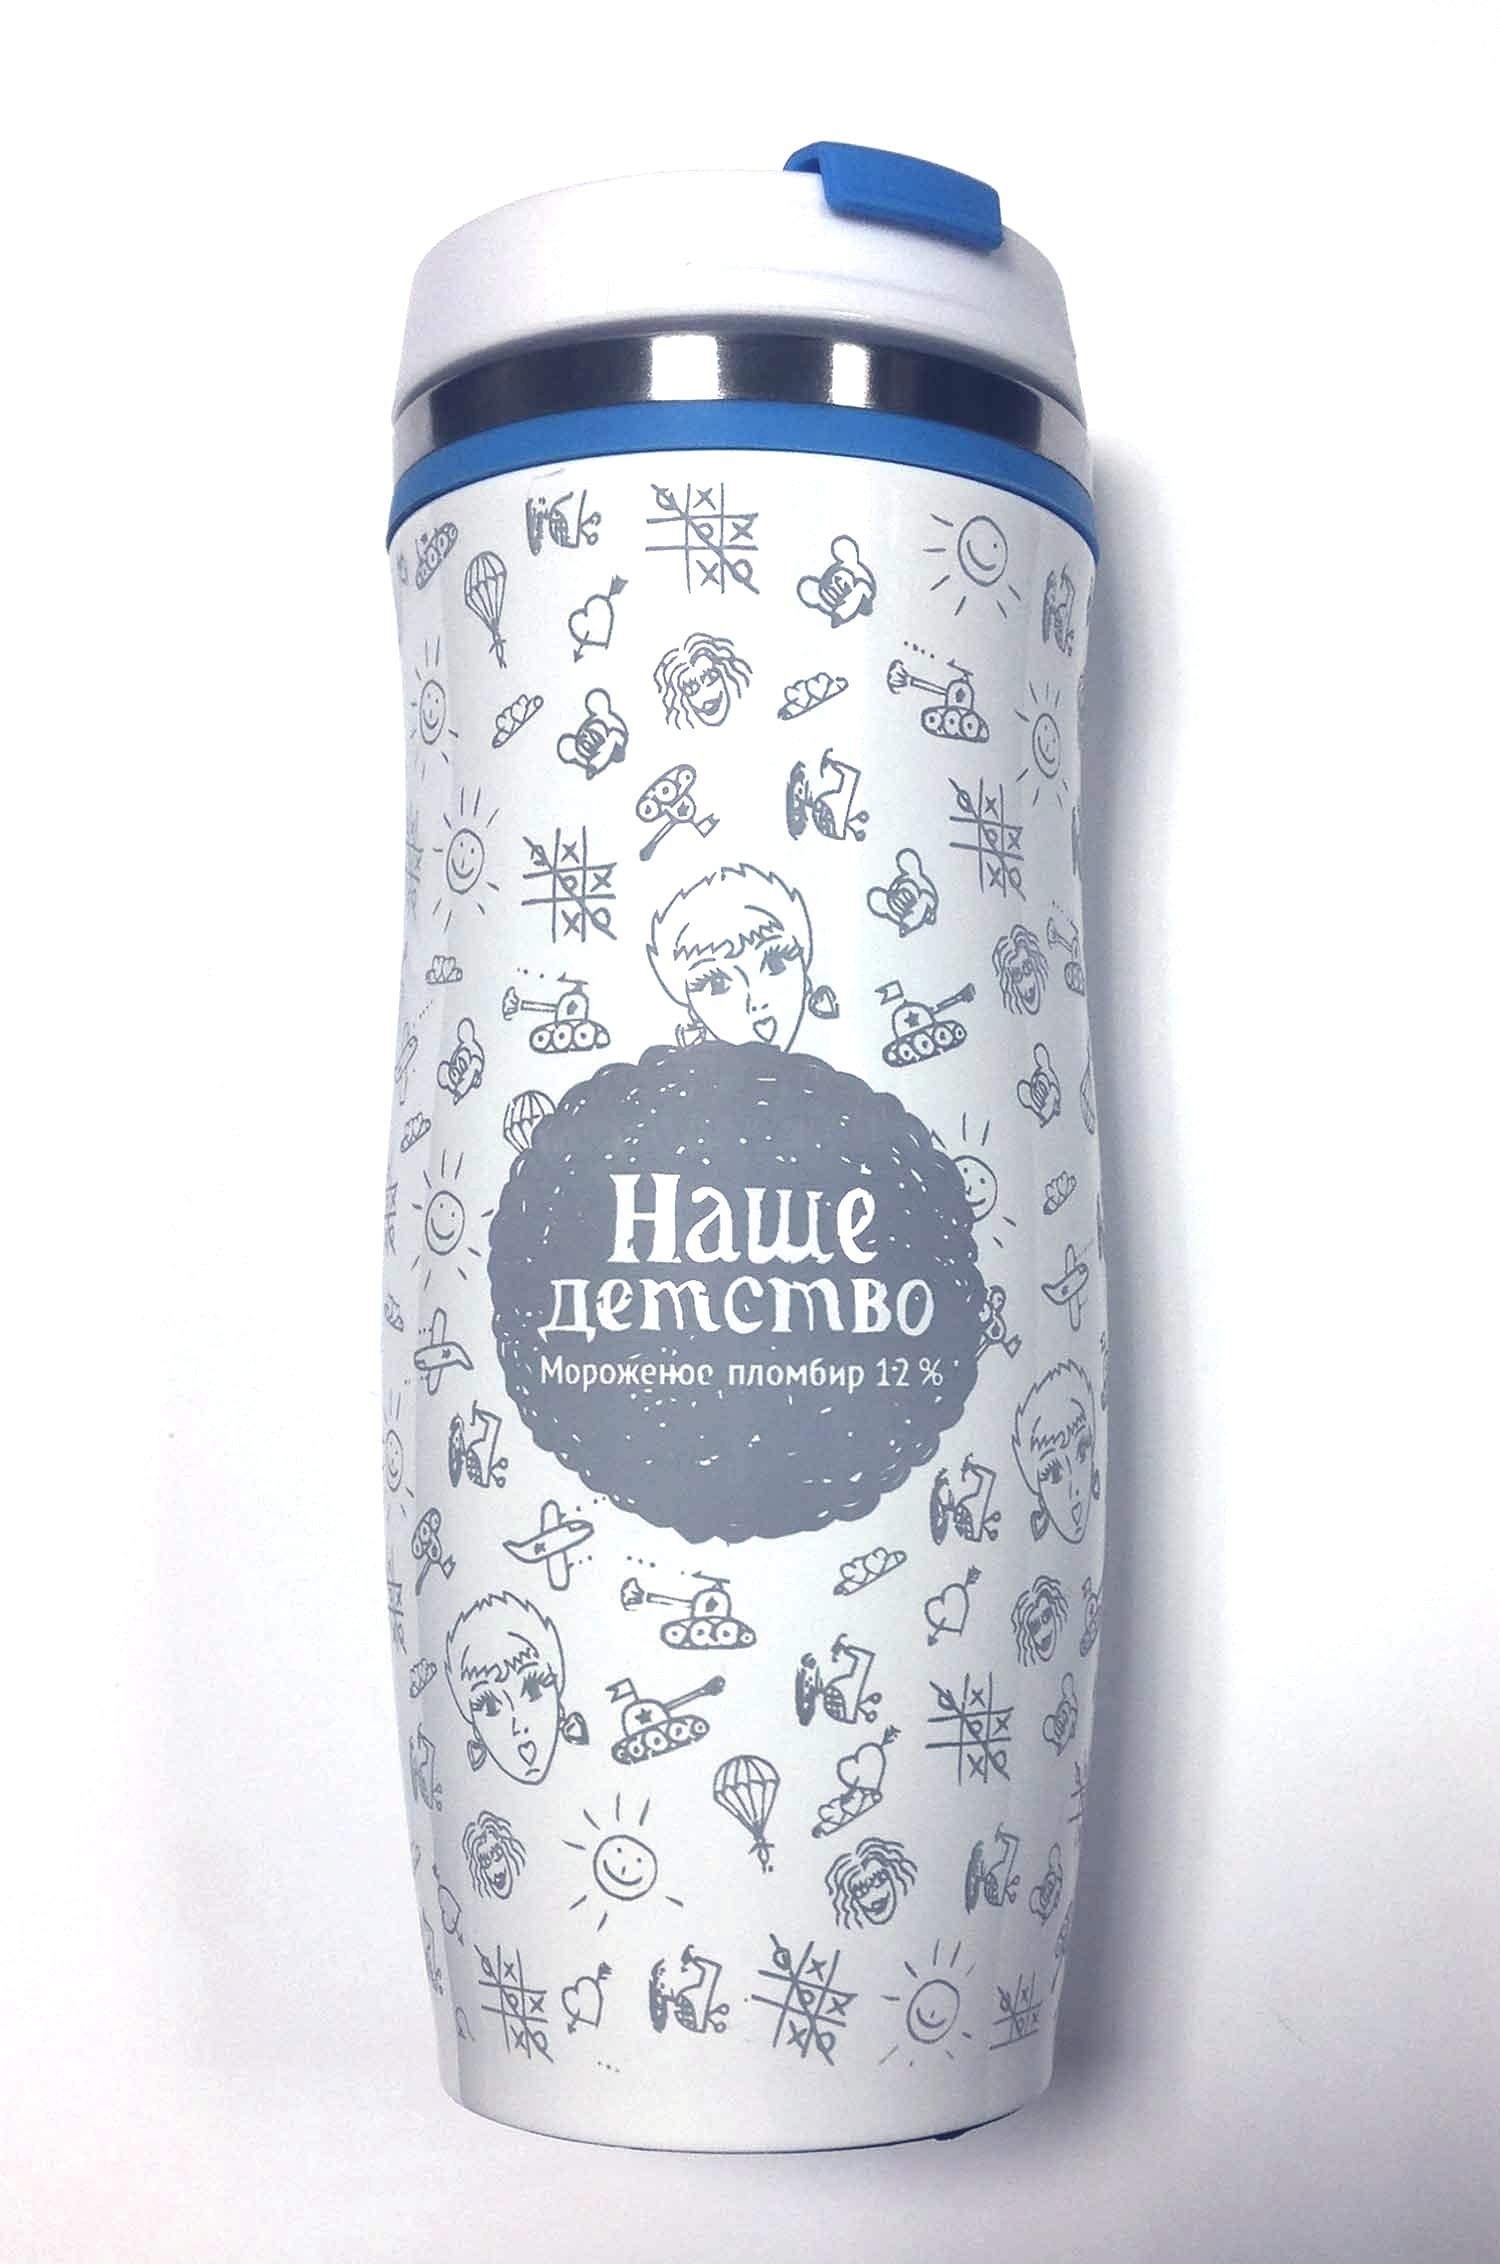 Печать логотипа на термокружке